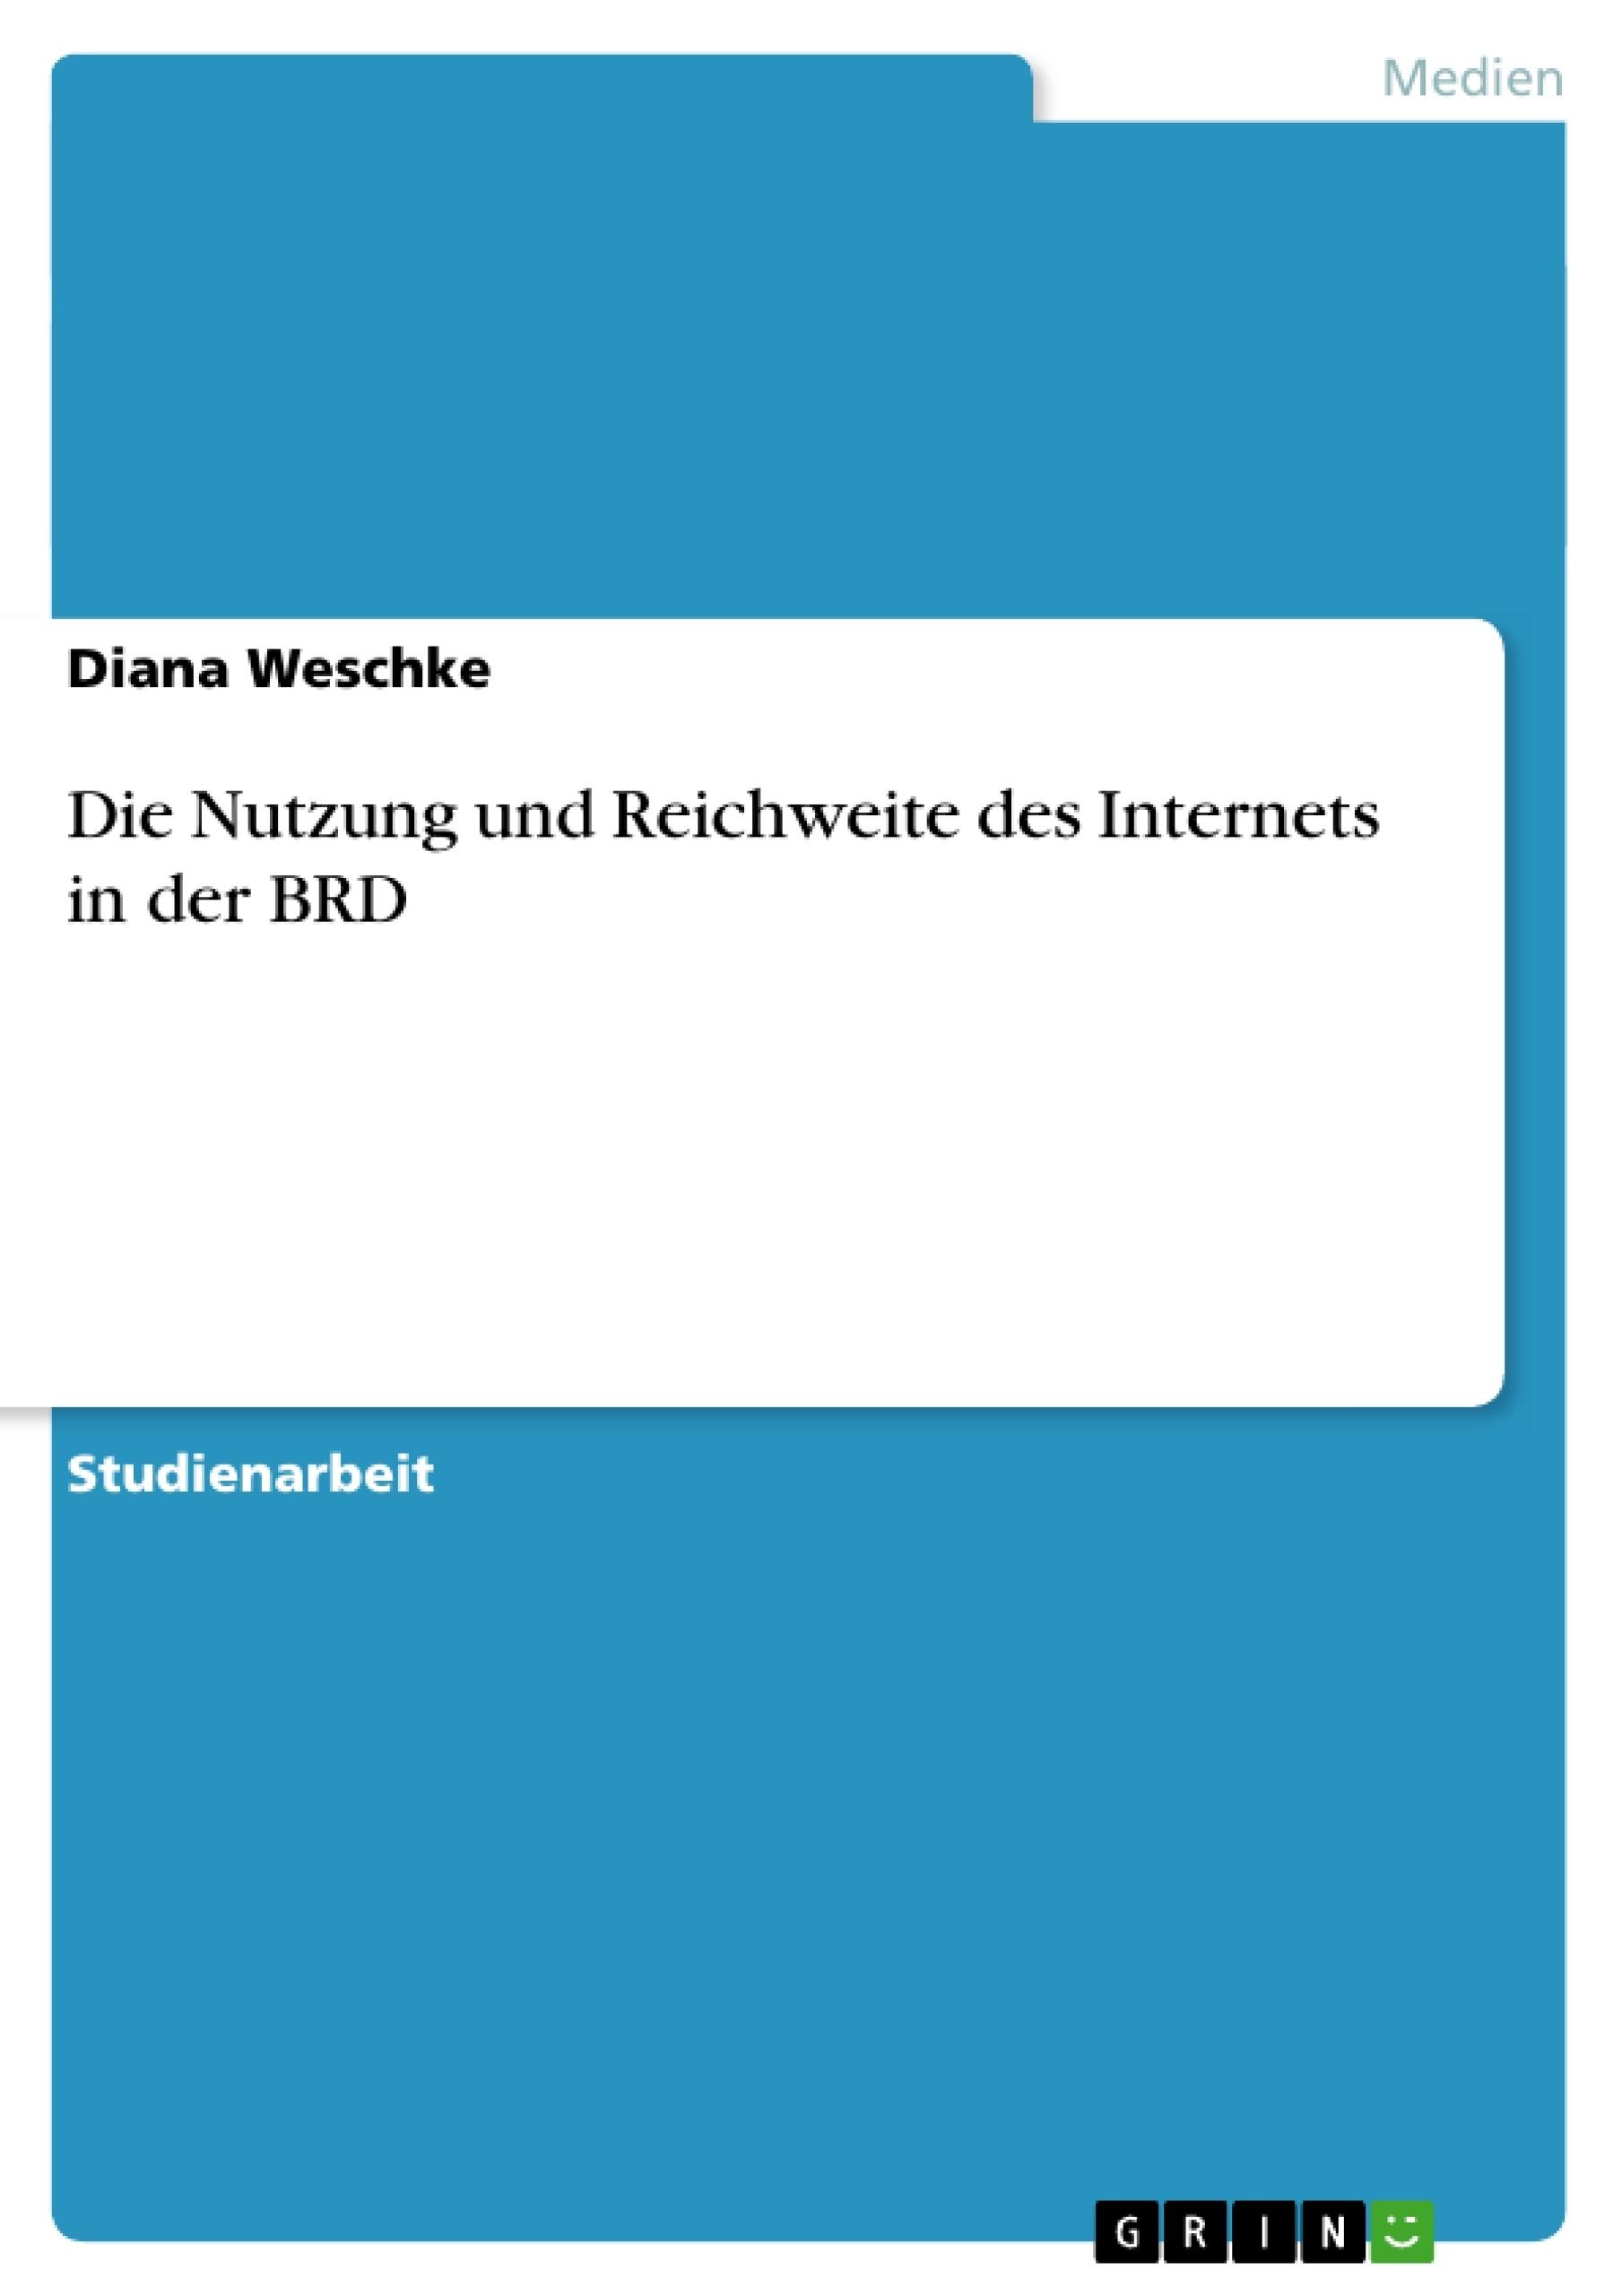 Titel: Die Nutzung und Reichweite des Internets in der BRD